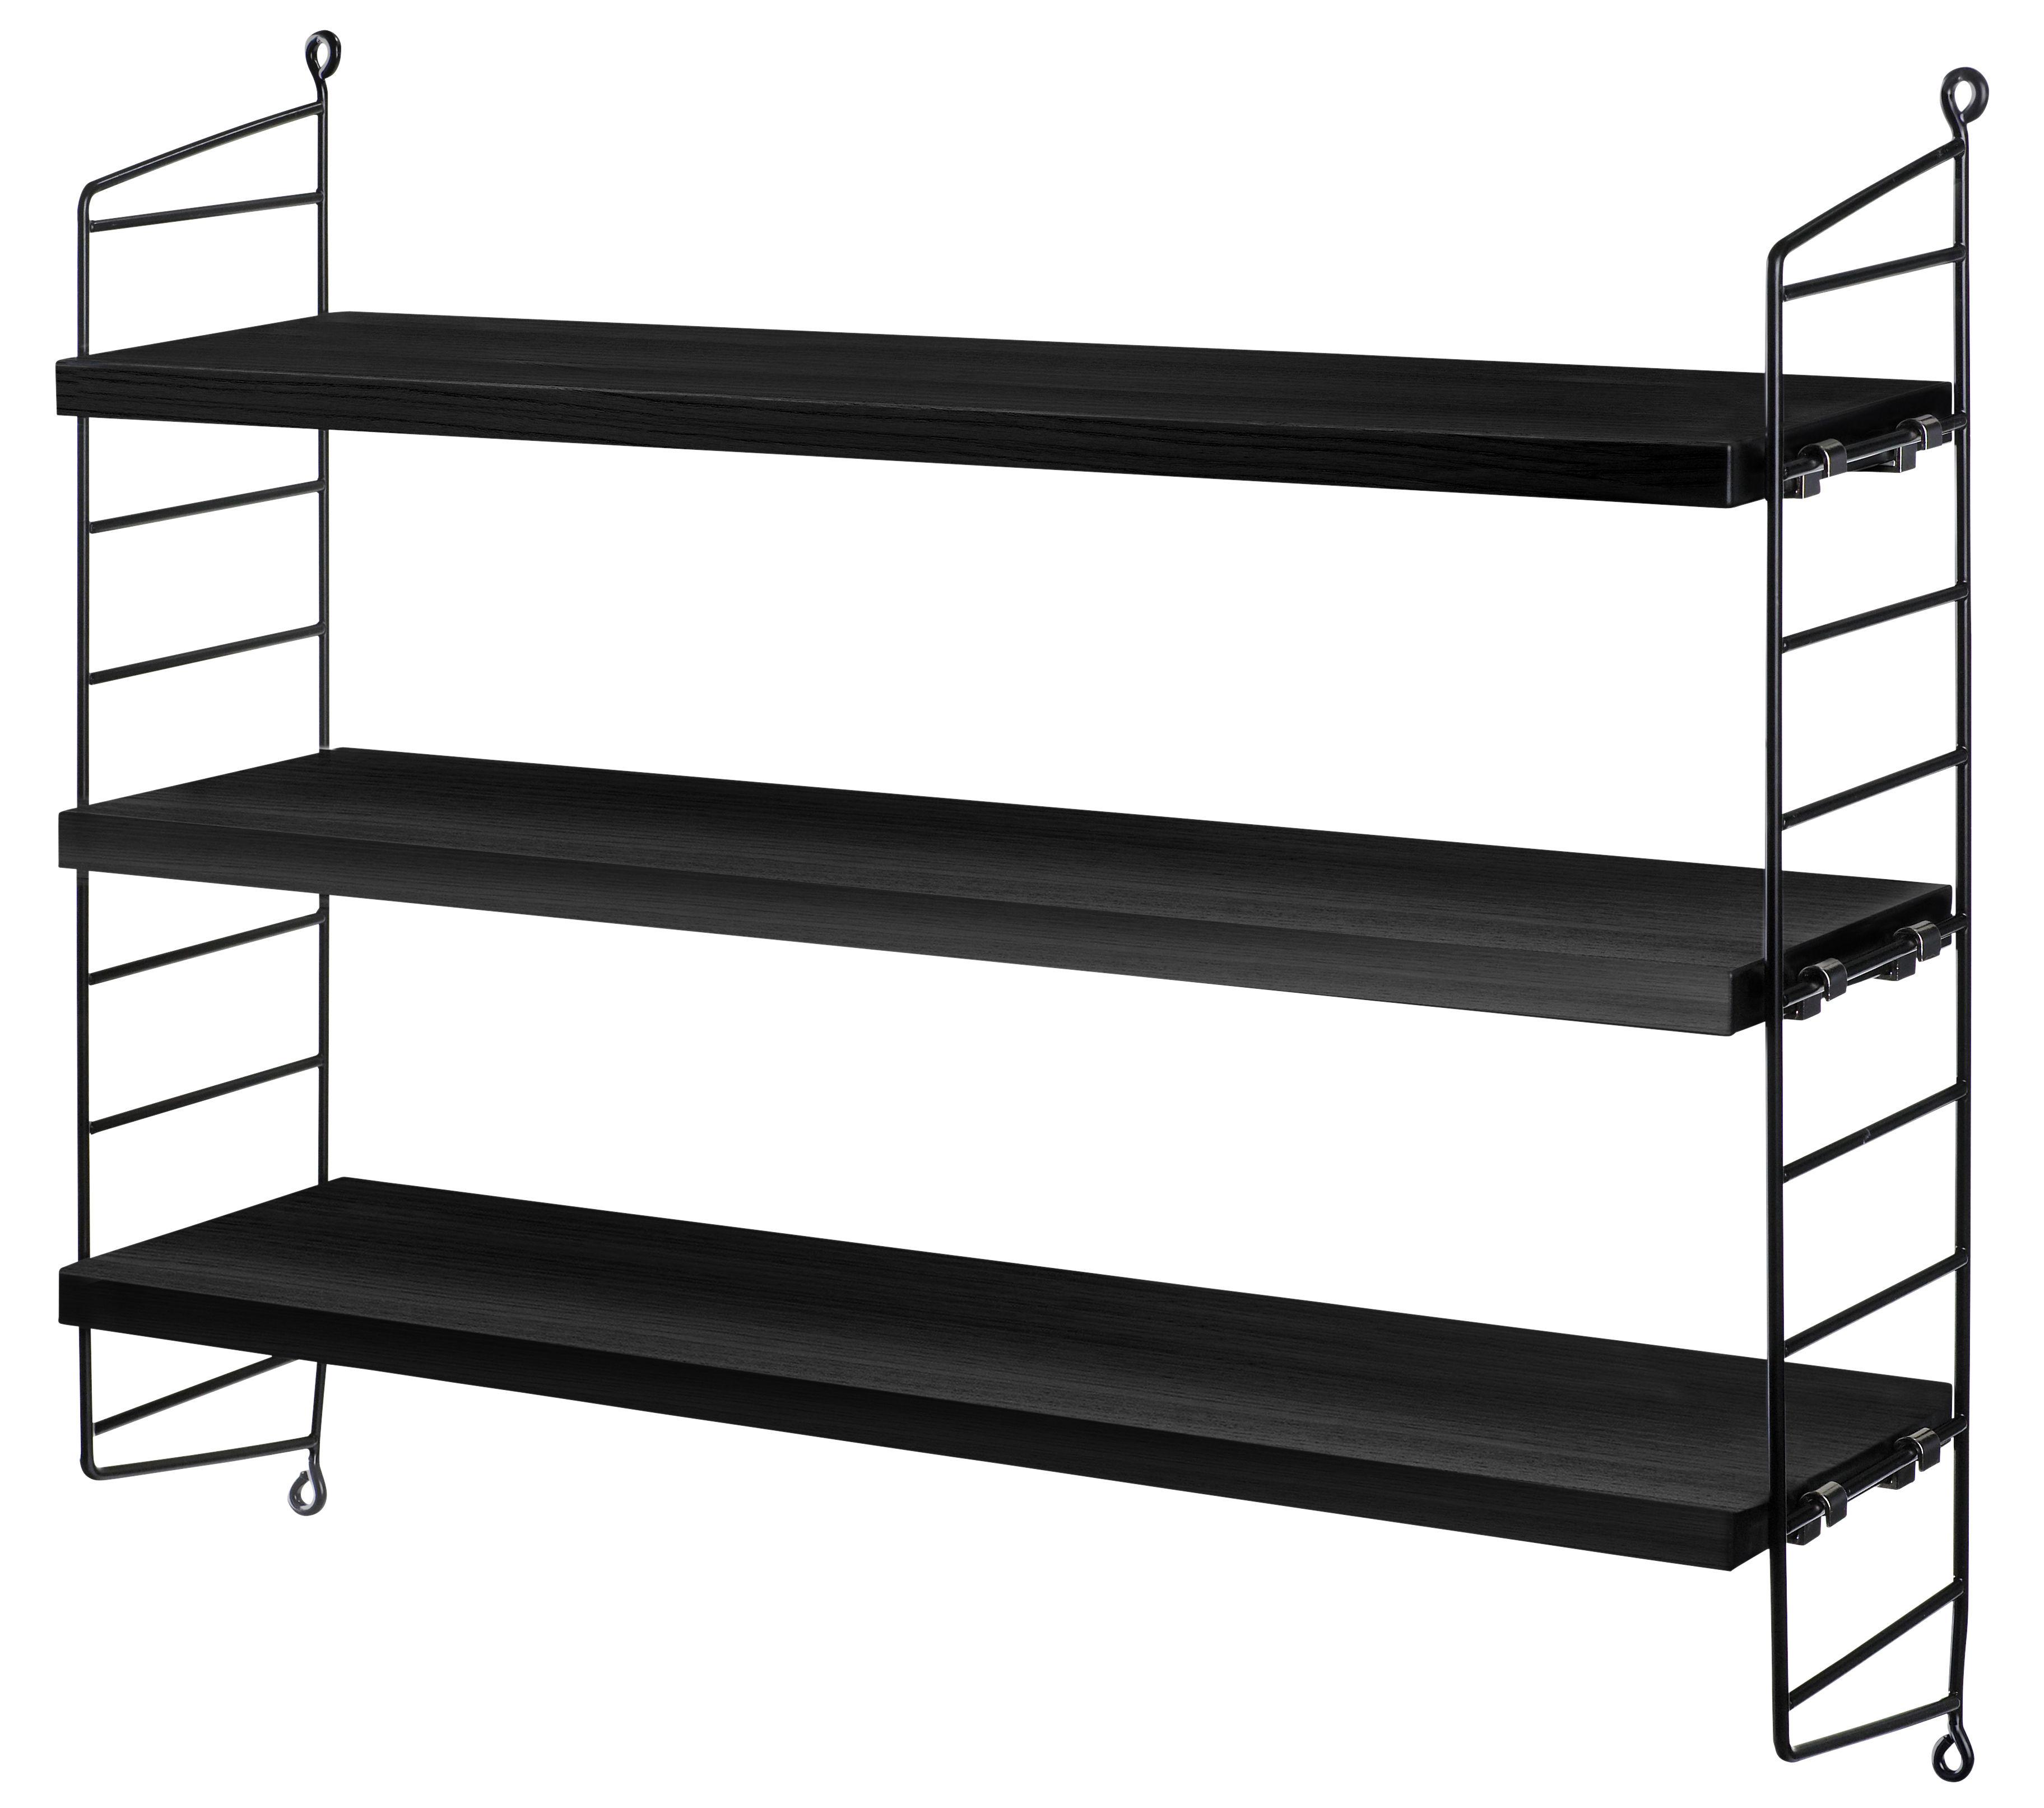 etag re string pocket version bois l 60 x h 50 cm. Black Bedroom Furniture Sets. Home Design Ideas